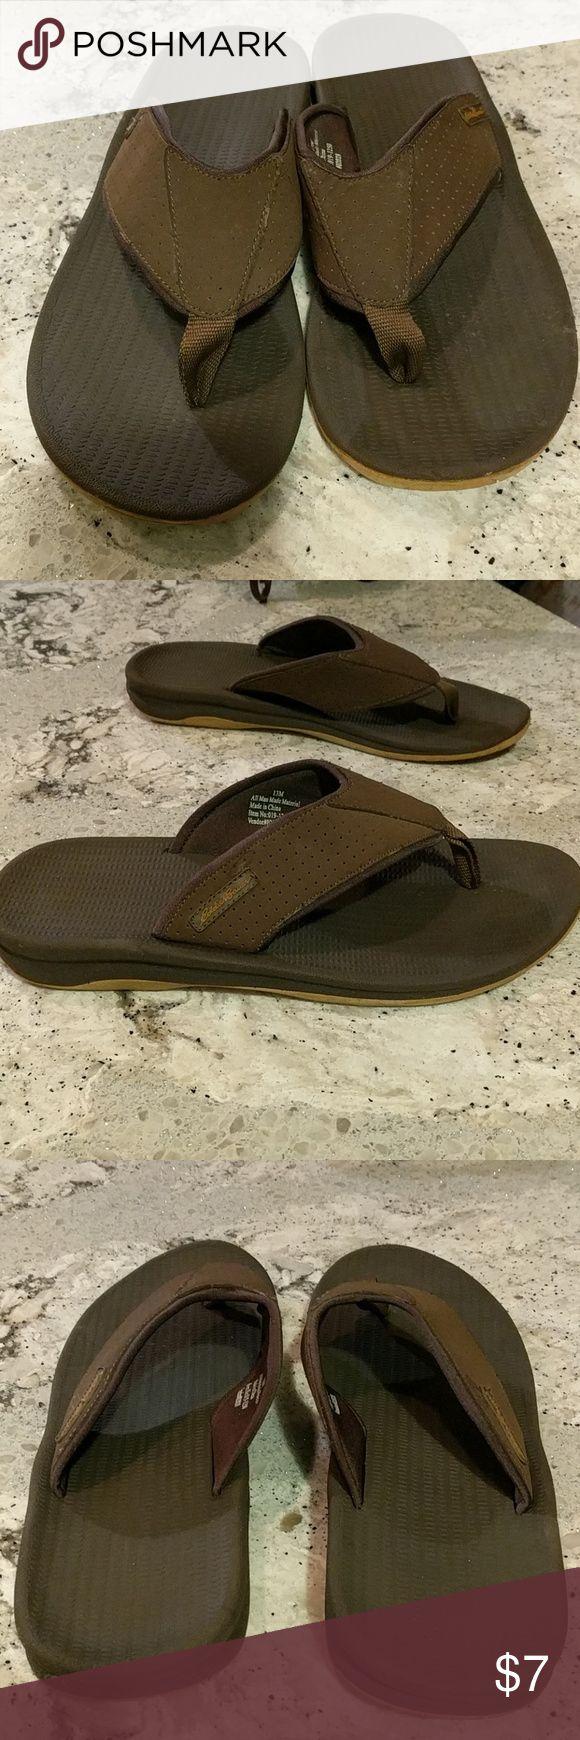 Men's Eddie Bauer flip flops Brown flip flops. Some wear marks shown in pictures, but good used condition. Eddie Bauer Shoes Sandals & Flip-Flops